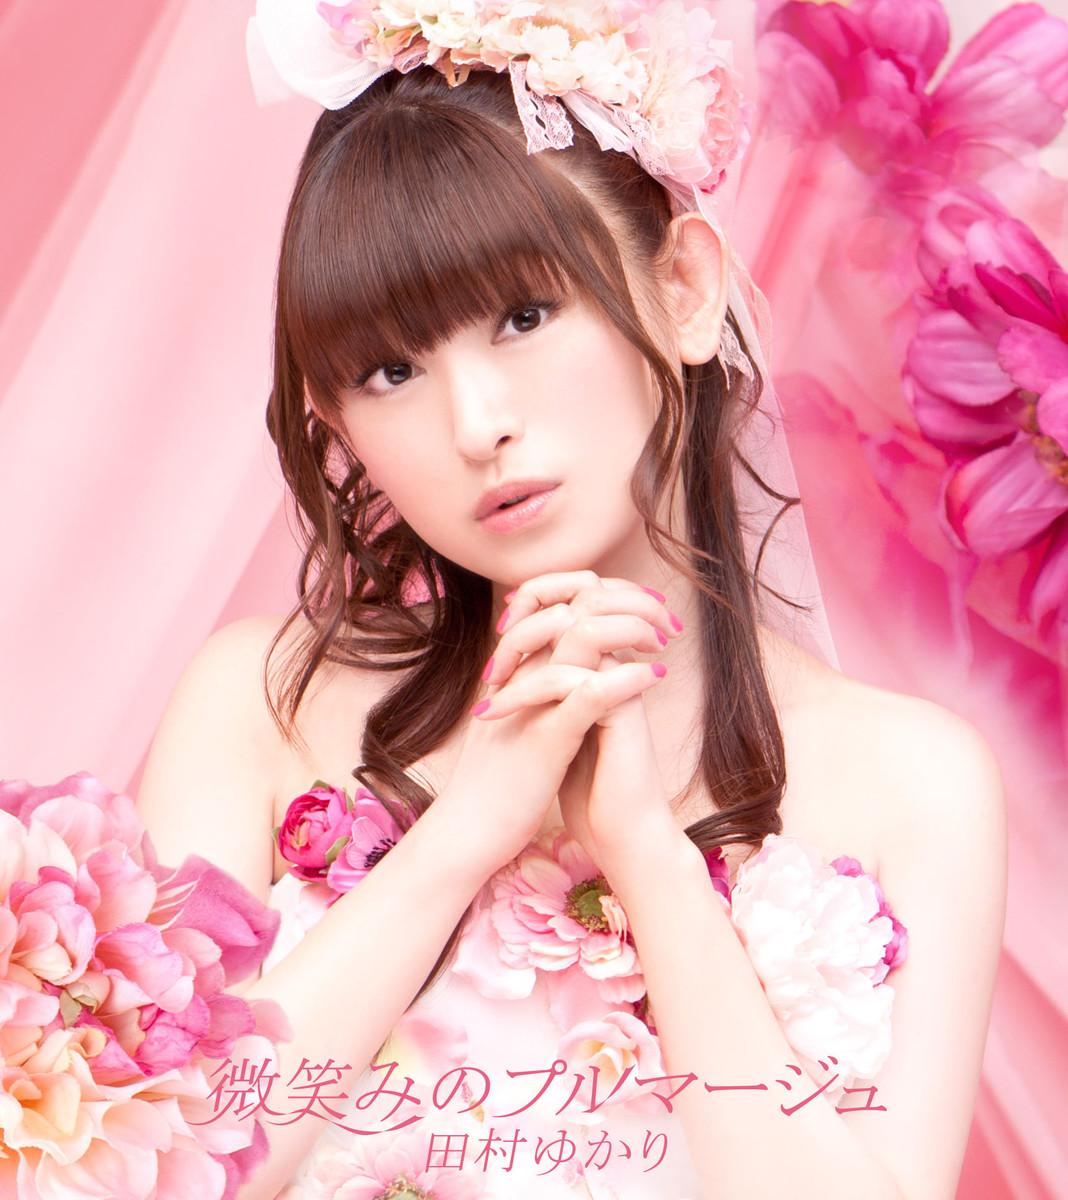 【一部王国民発狂?!】大人気声優、歌手の田村ゆかり。実年齢は?!のサムネイル画像